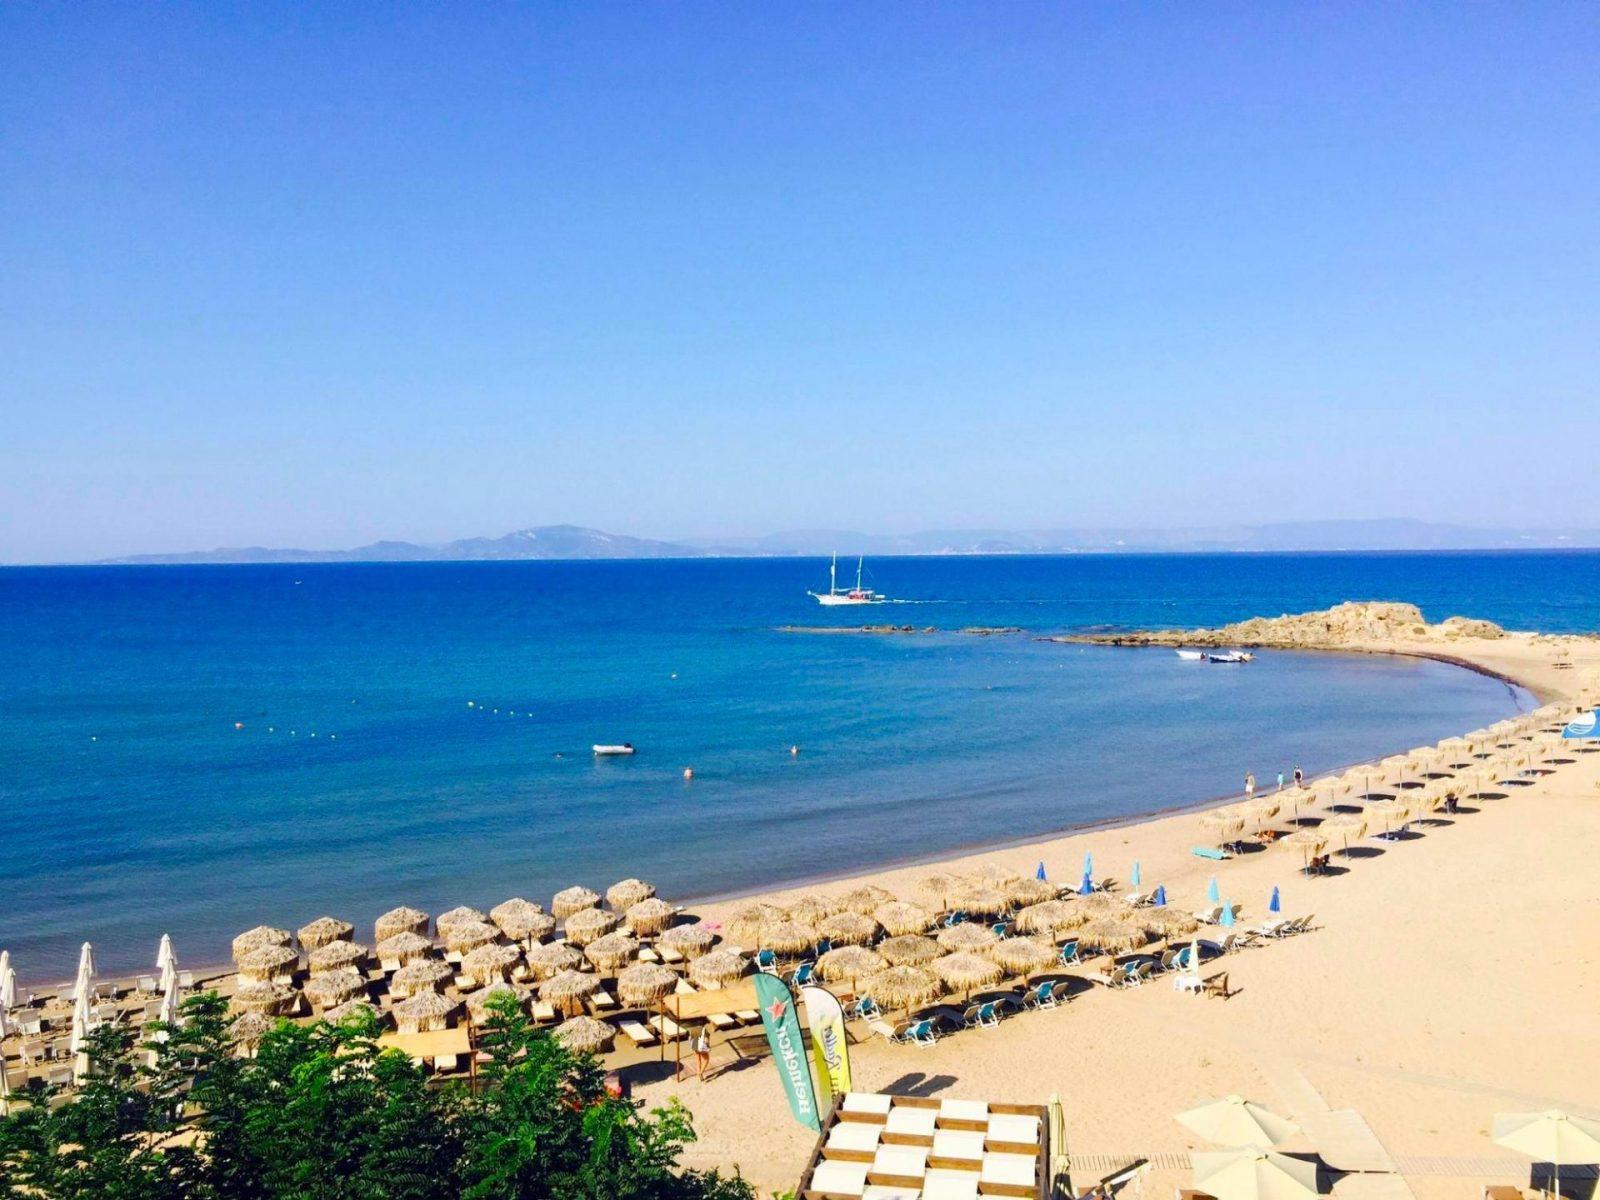 Απ' το μπαλκόνι θάλασσα: Το κοντινό, παραθαλάσσιο χωριό για φτηνές διακοπές πάνω στο κύμα (Pics)